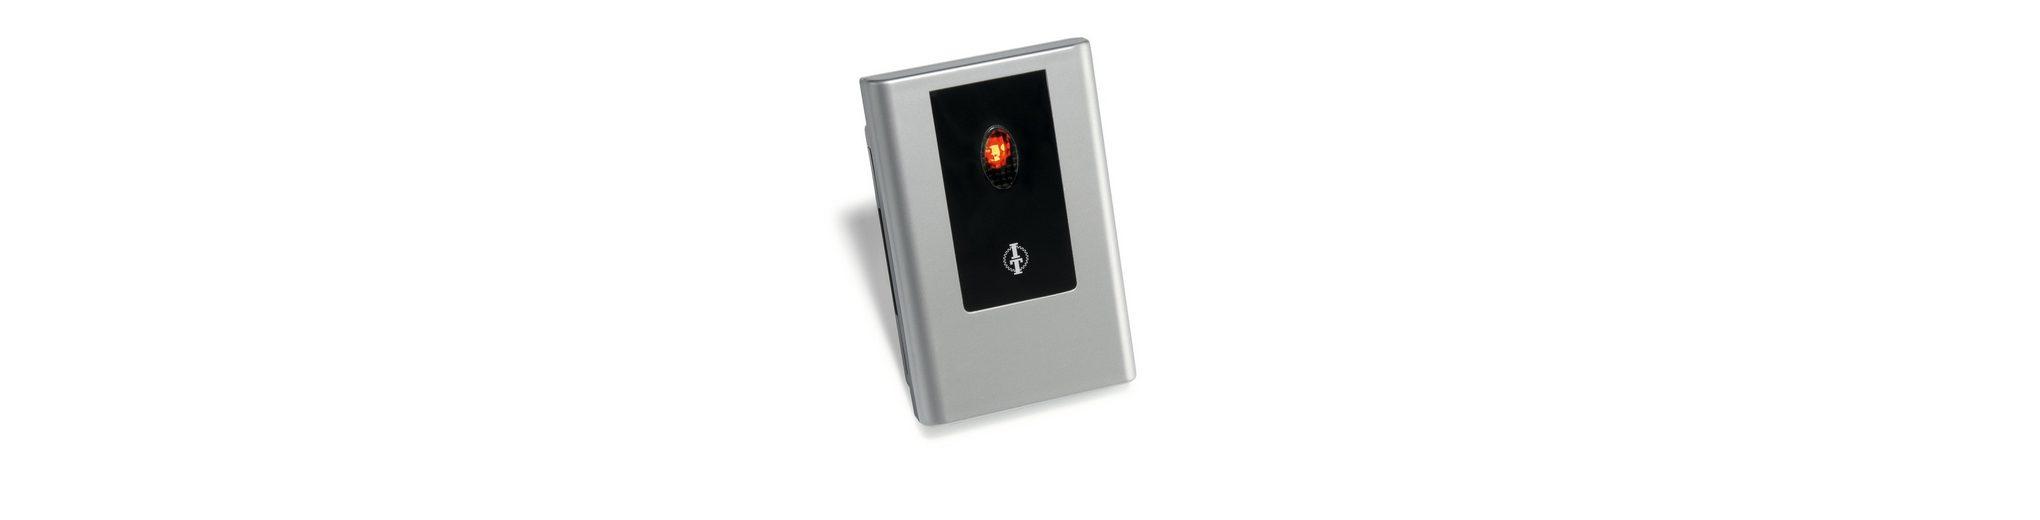 intertechno - Smart Home - Sicherheit & Komfort »ITDS-50 Funk-Dämmerungsschalter«